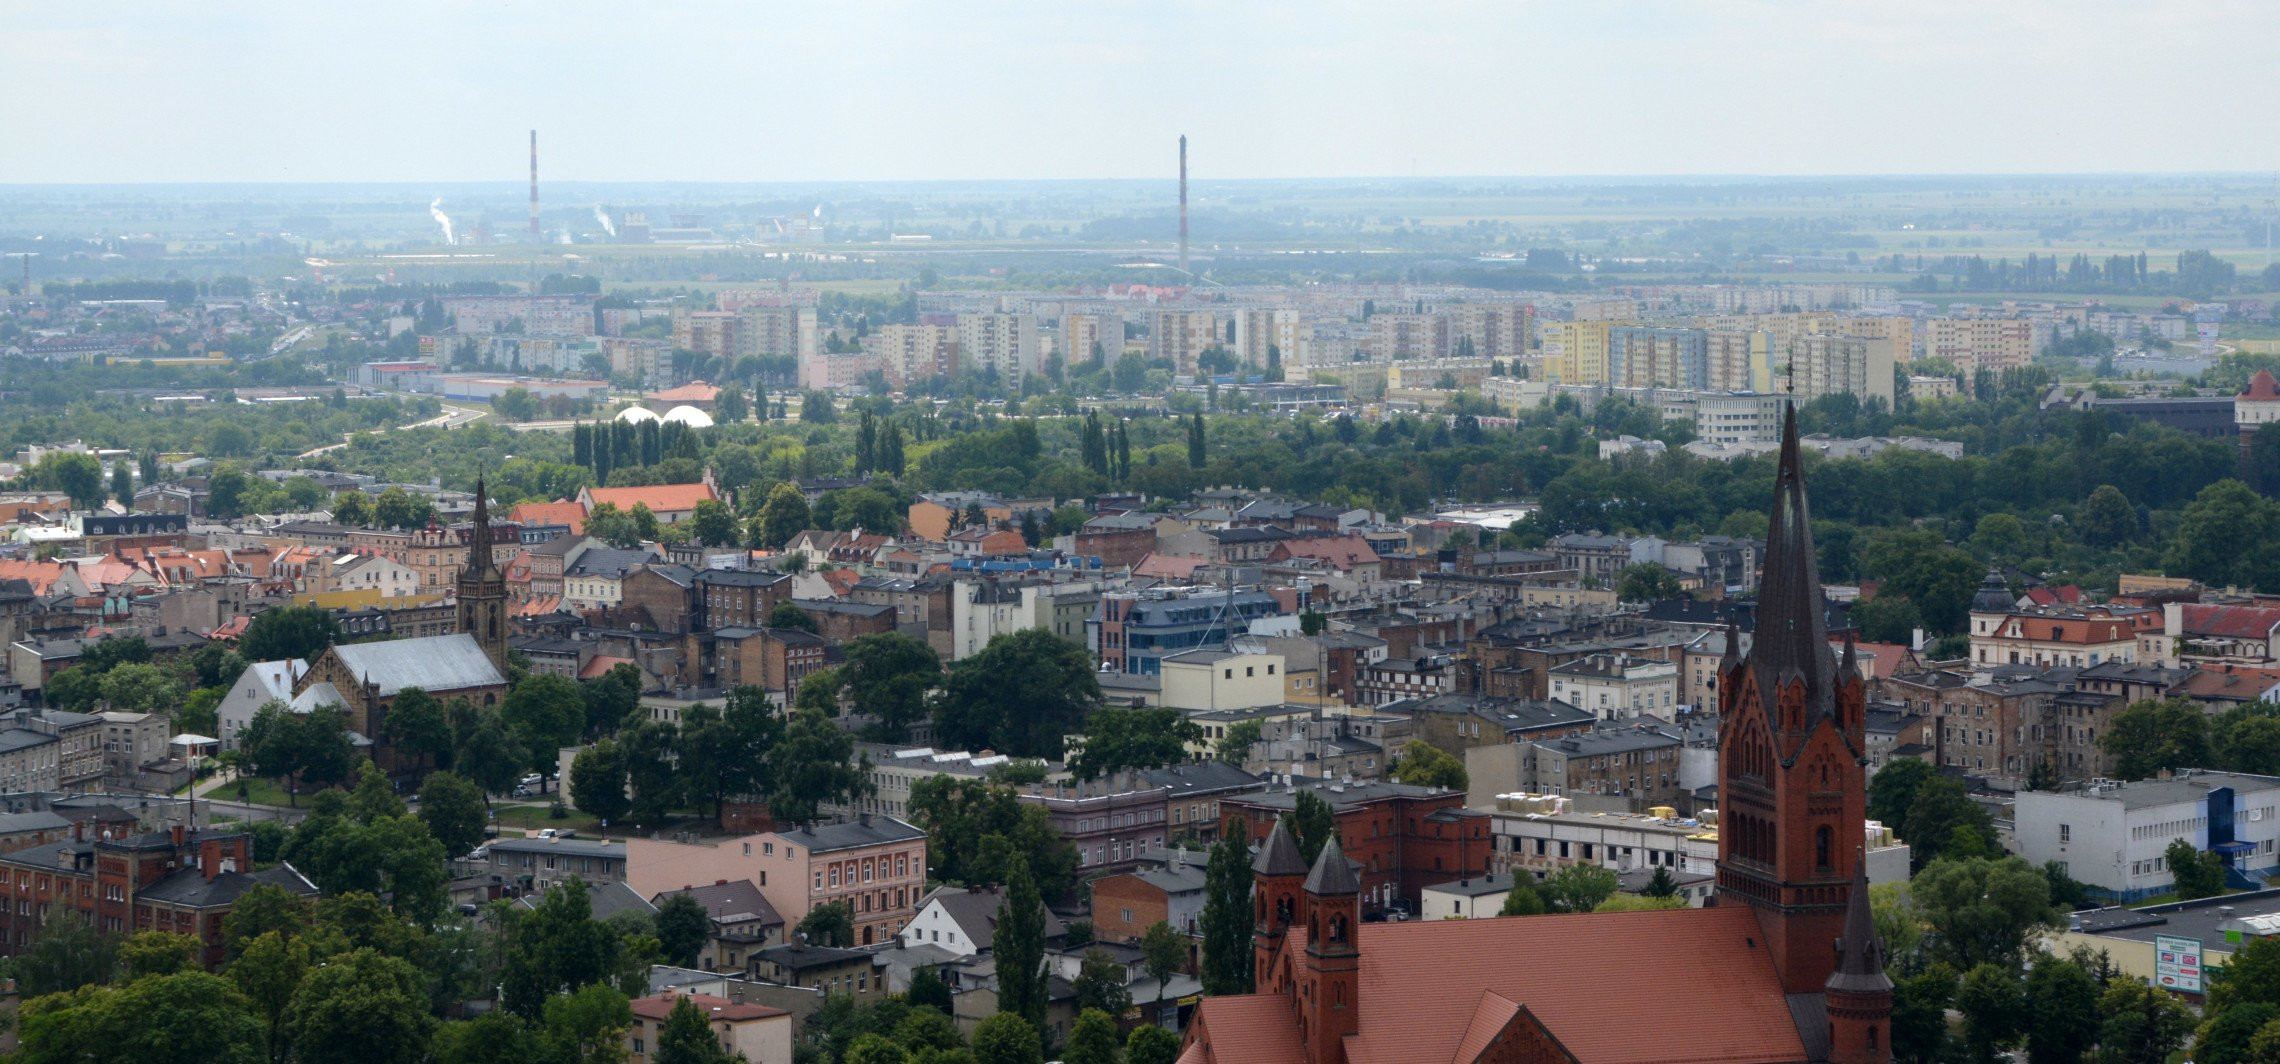 Inowrocław - 5 tys. zł dla firm. Ruszył nabór wniosków